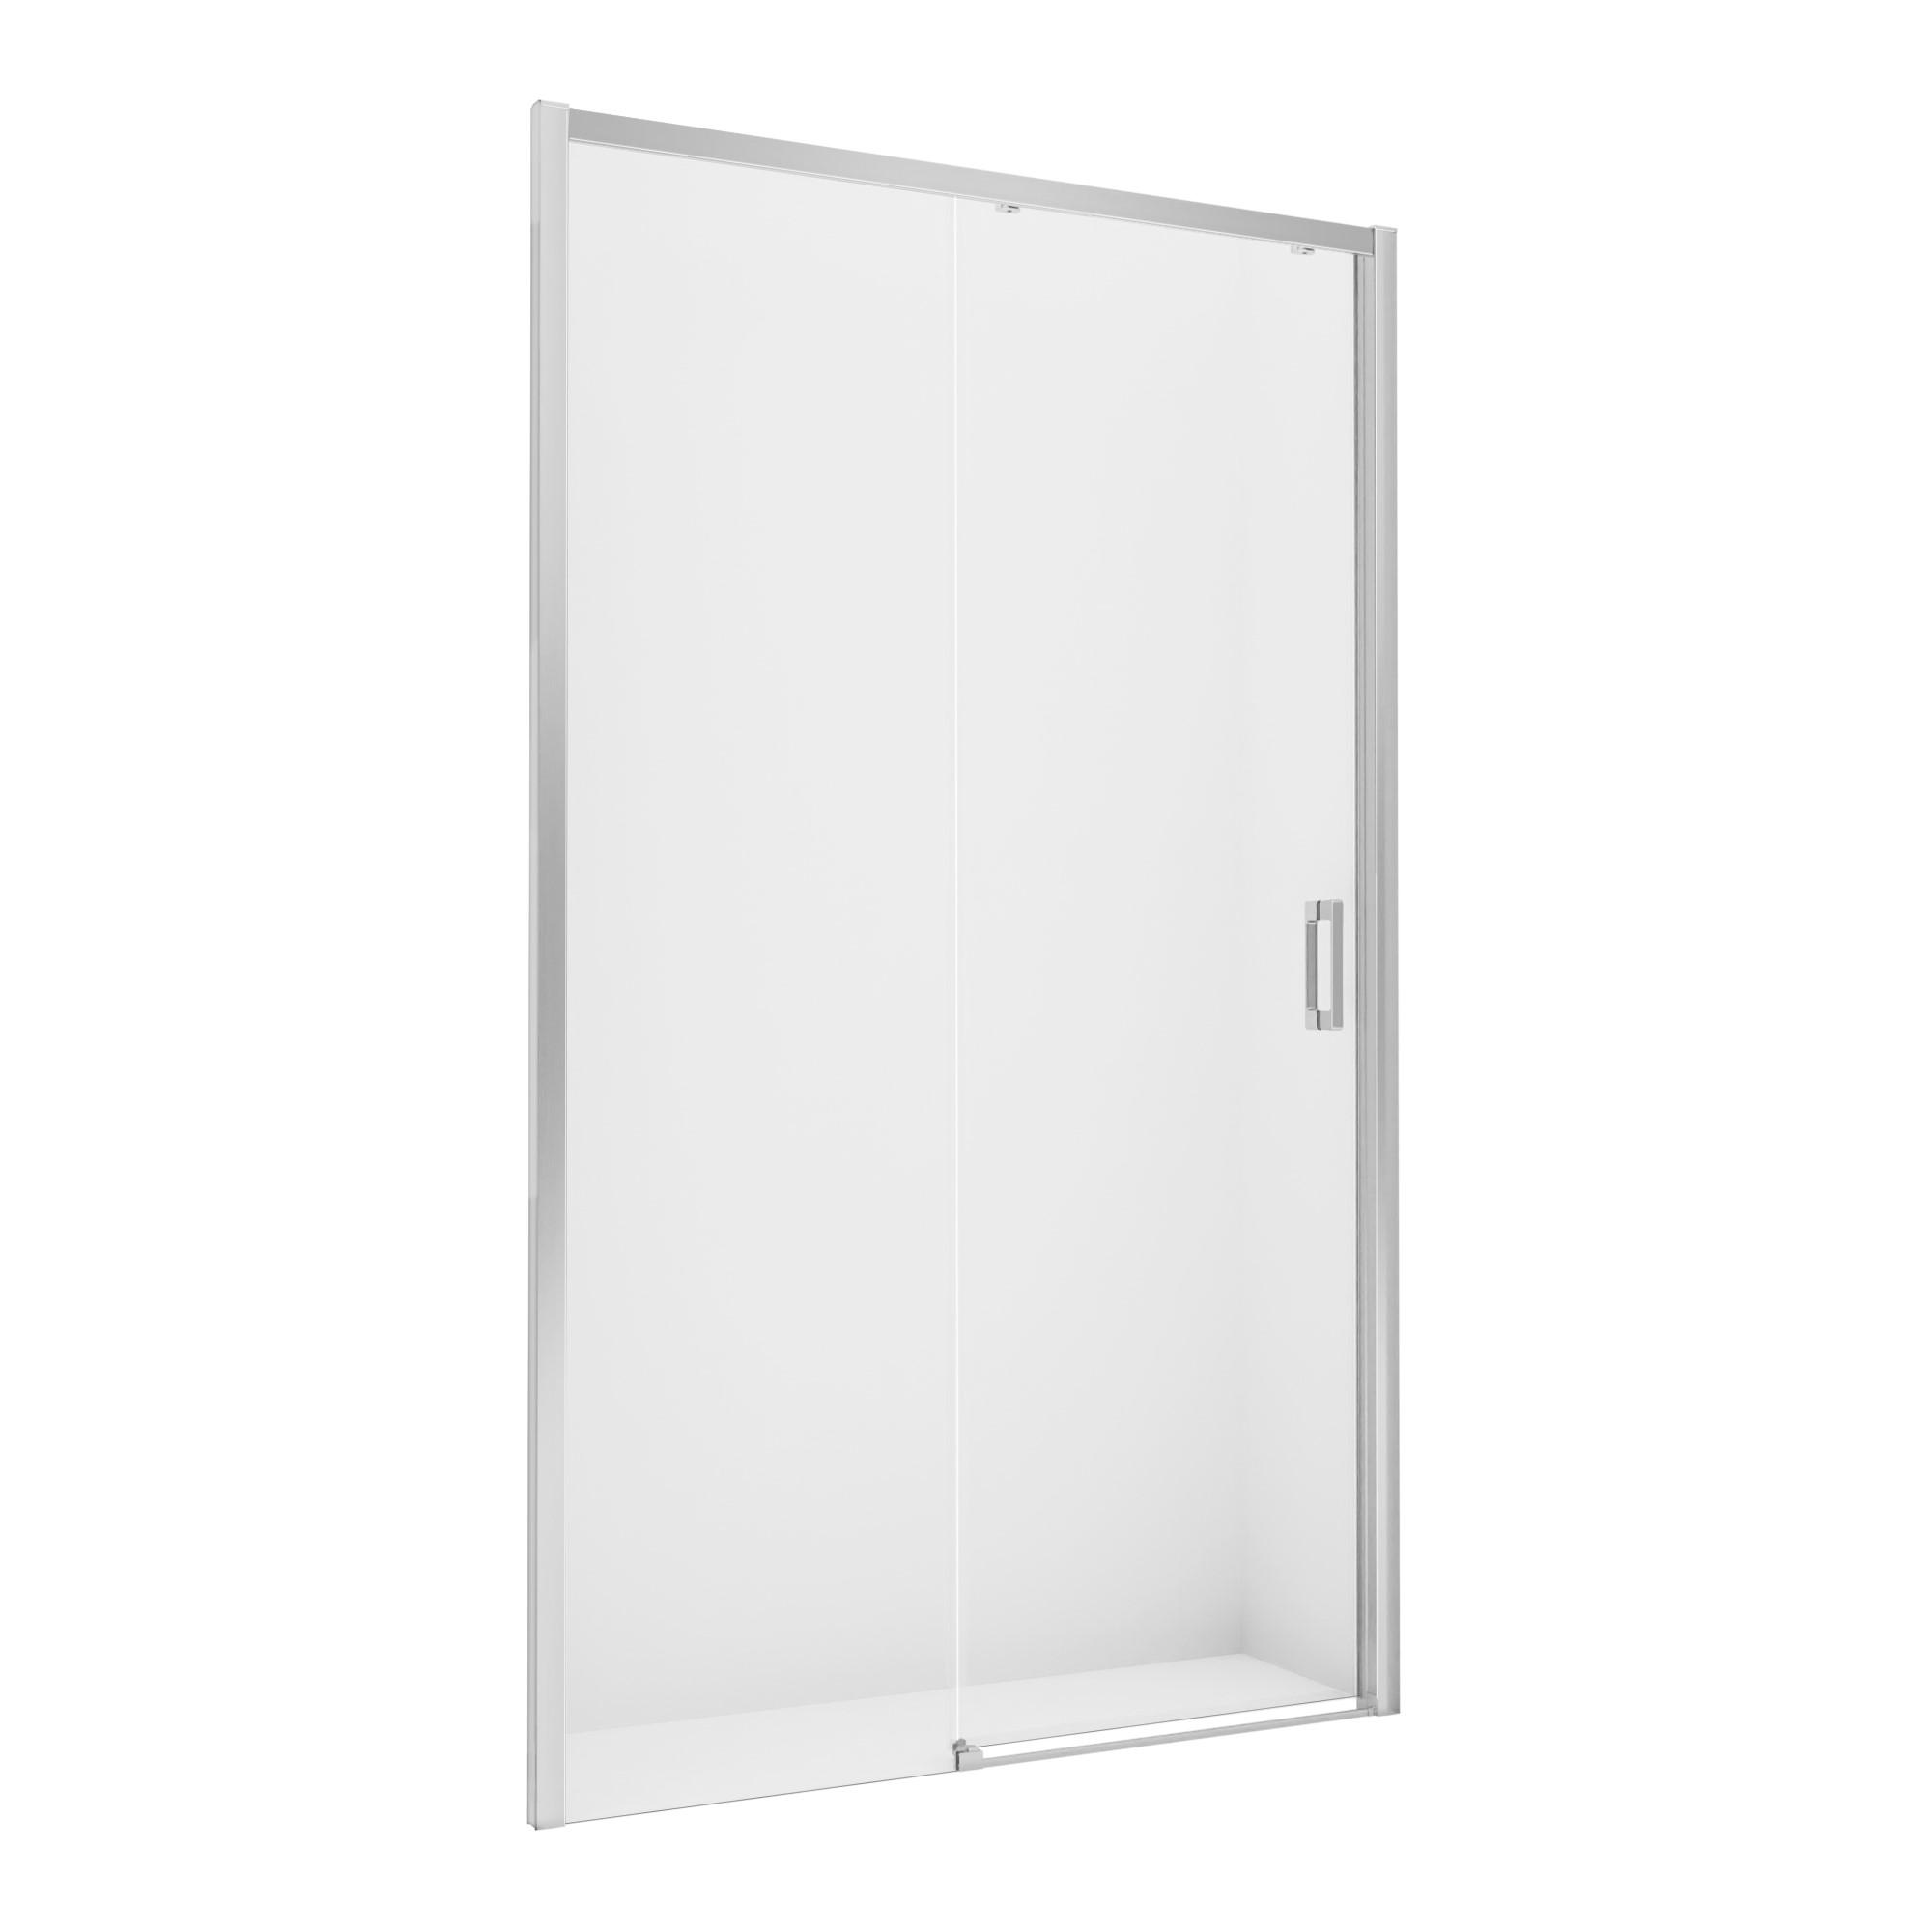 Szkic drzwi wnękowe Prime o szerokości 100cm